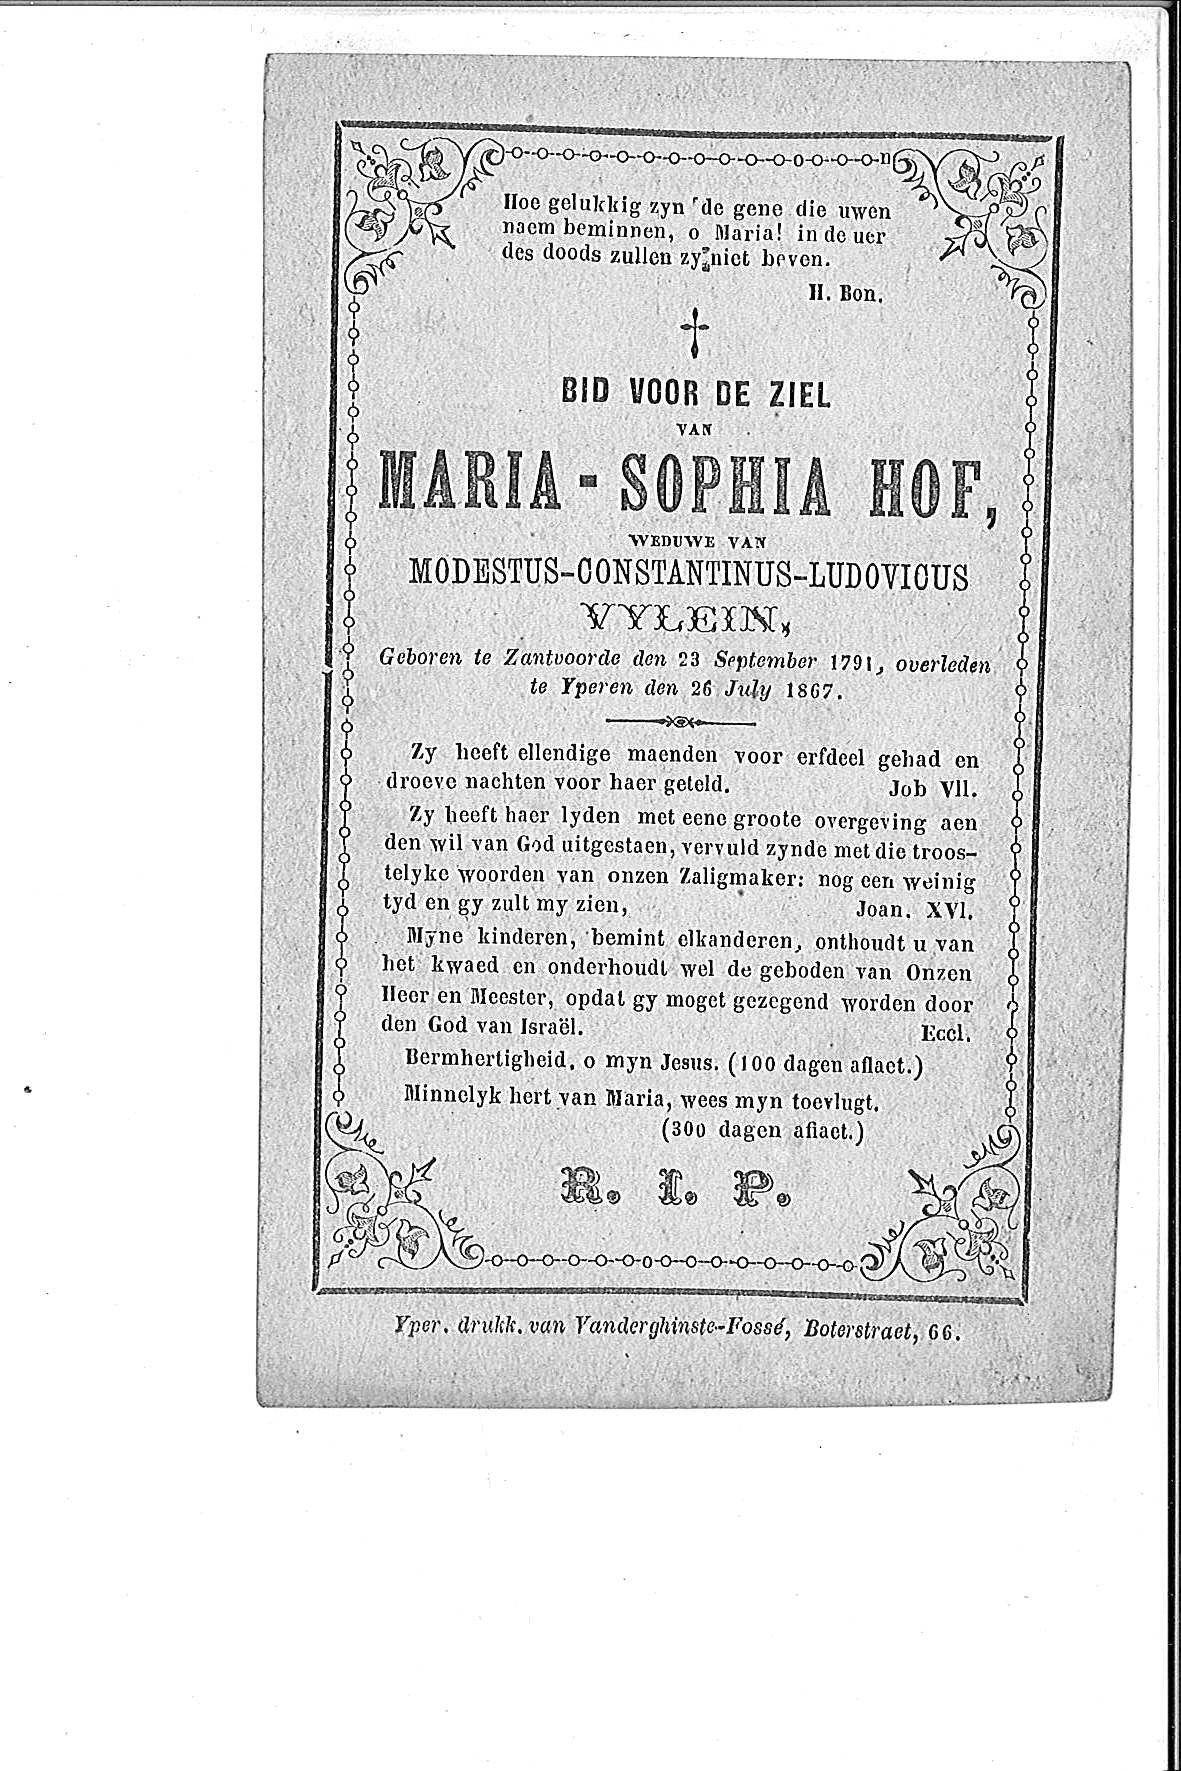 Maria-Sophia(1867)20151002161158_00025.jpg